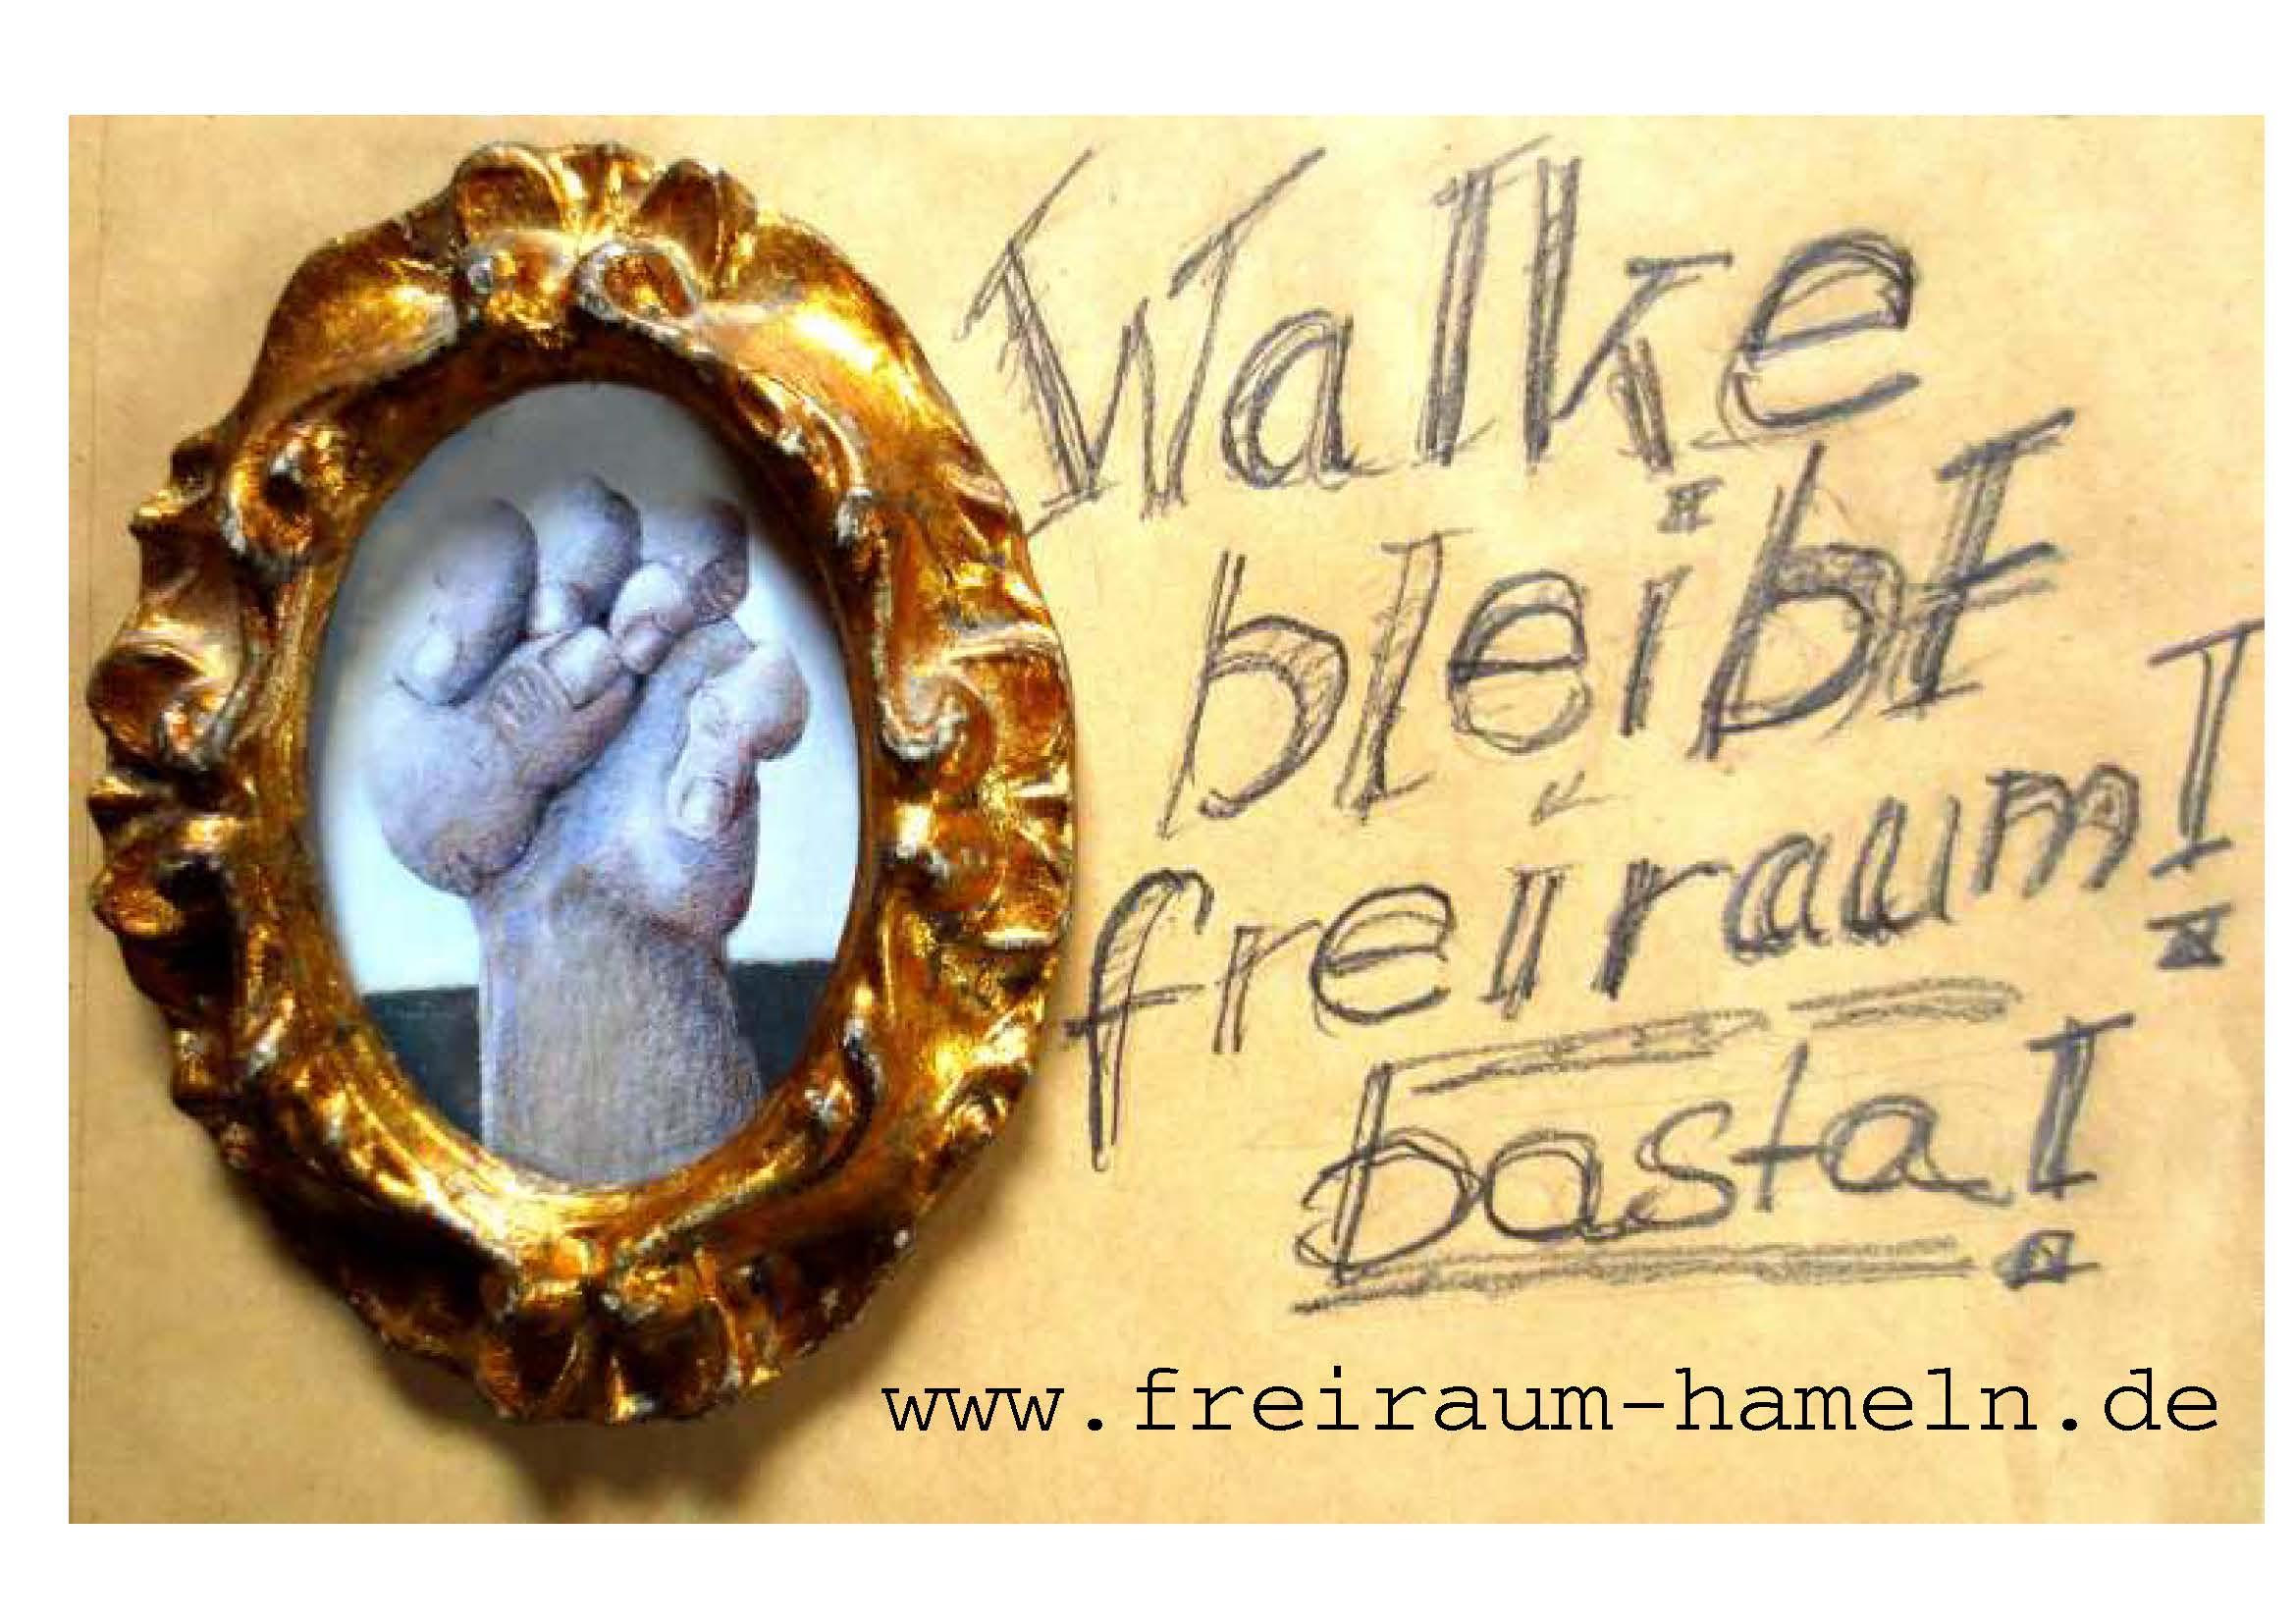 walkebleibt_2